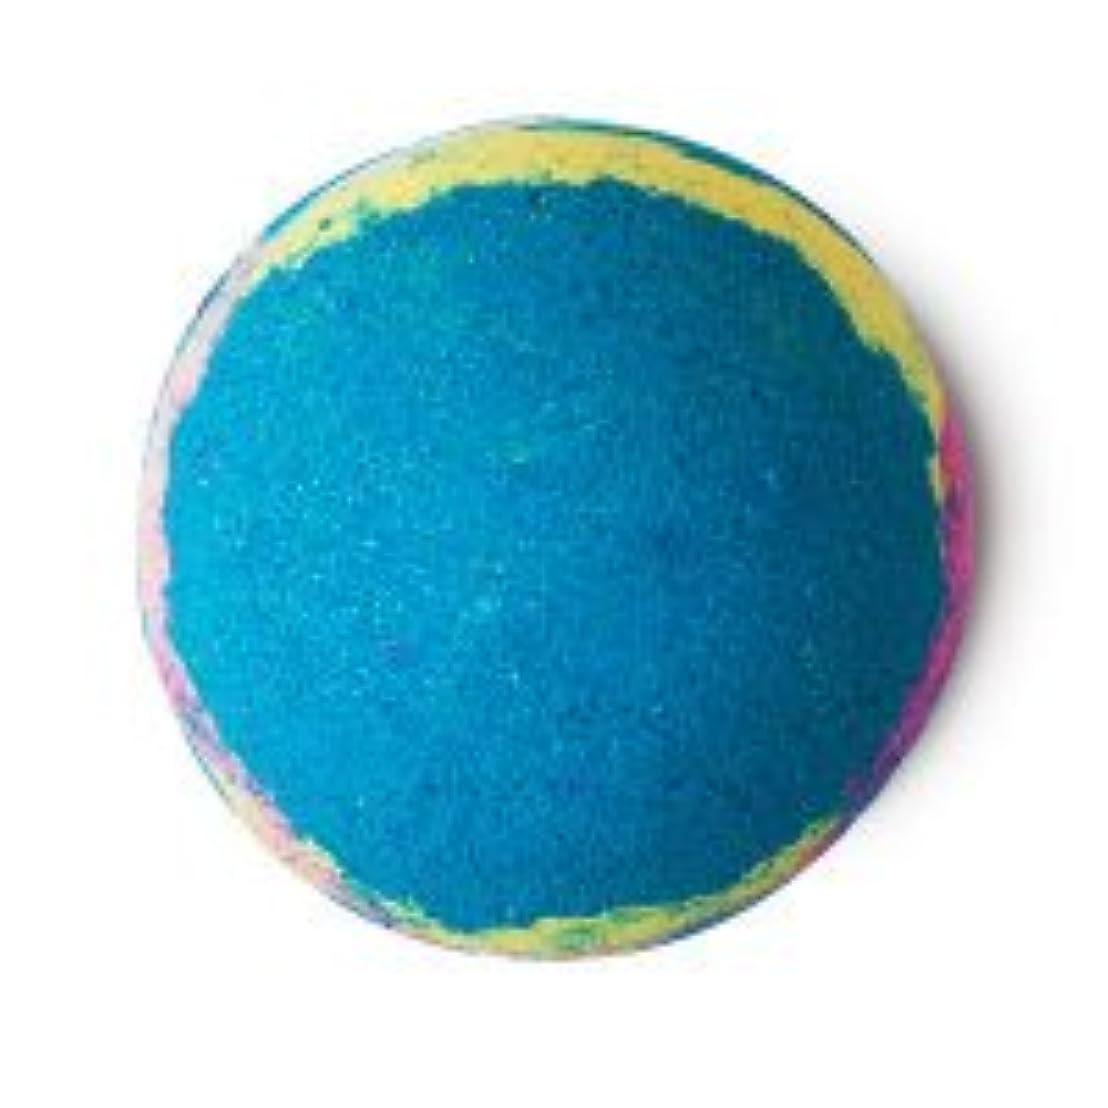 勧めるチャットリレーLUSH ラッシュ インターギャラクティック 200g バスボム 浴用 ペパーミント 入浴剤 マンダリン 自然派化粧品 天然成分 Intergalactic 入浴剤 ギフト